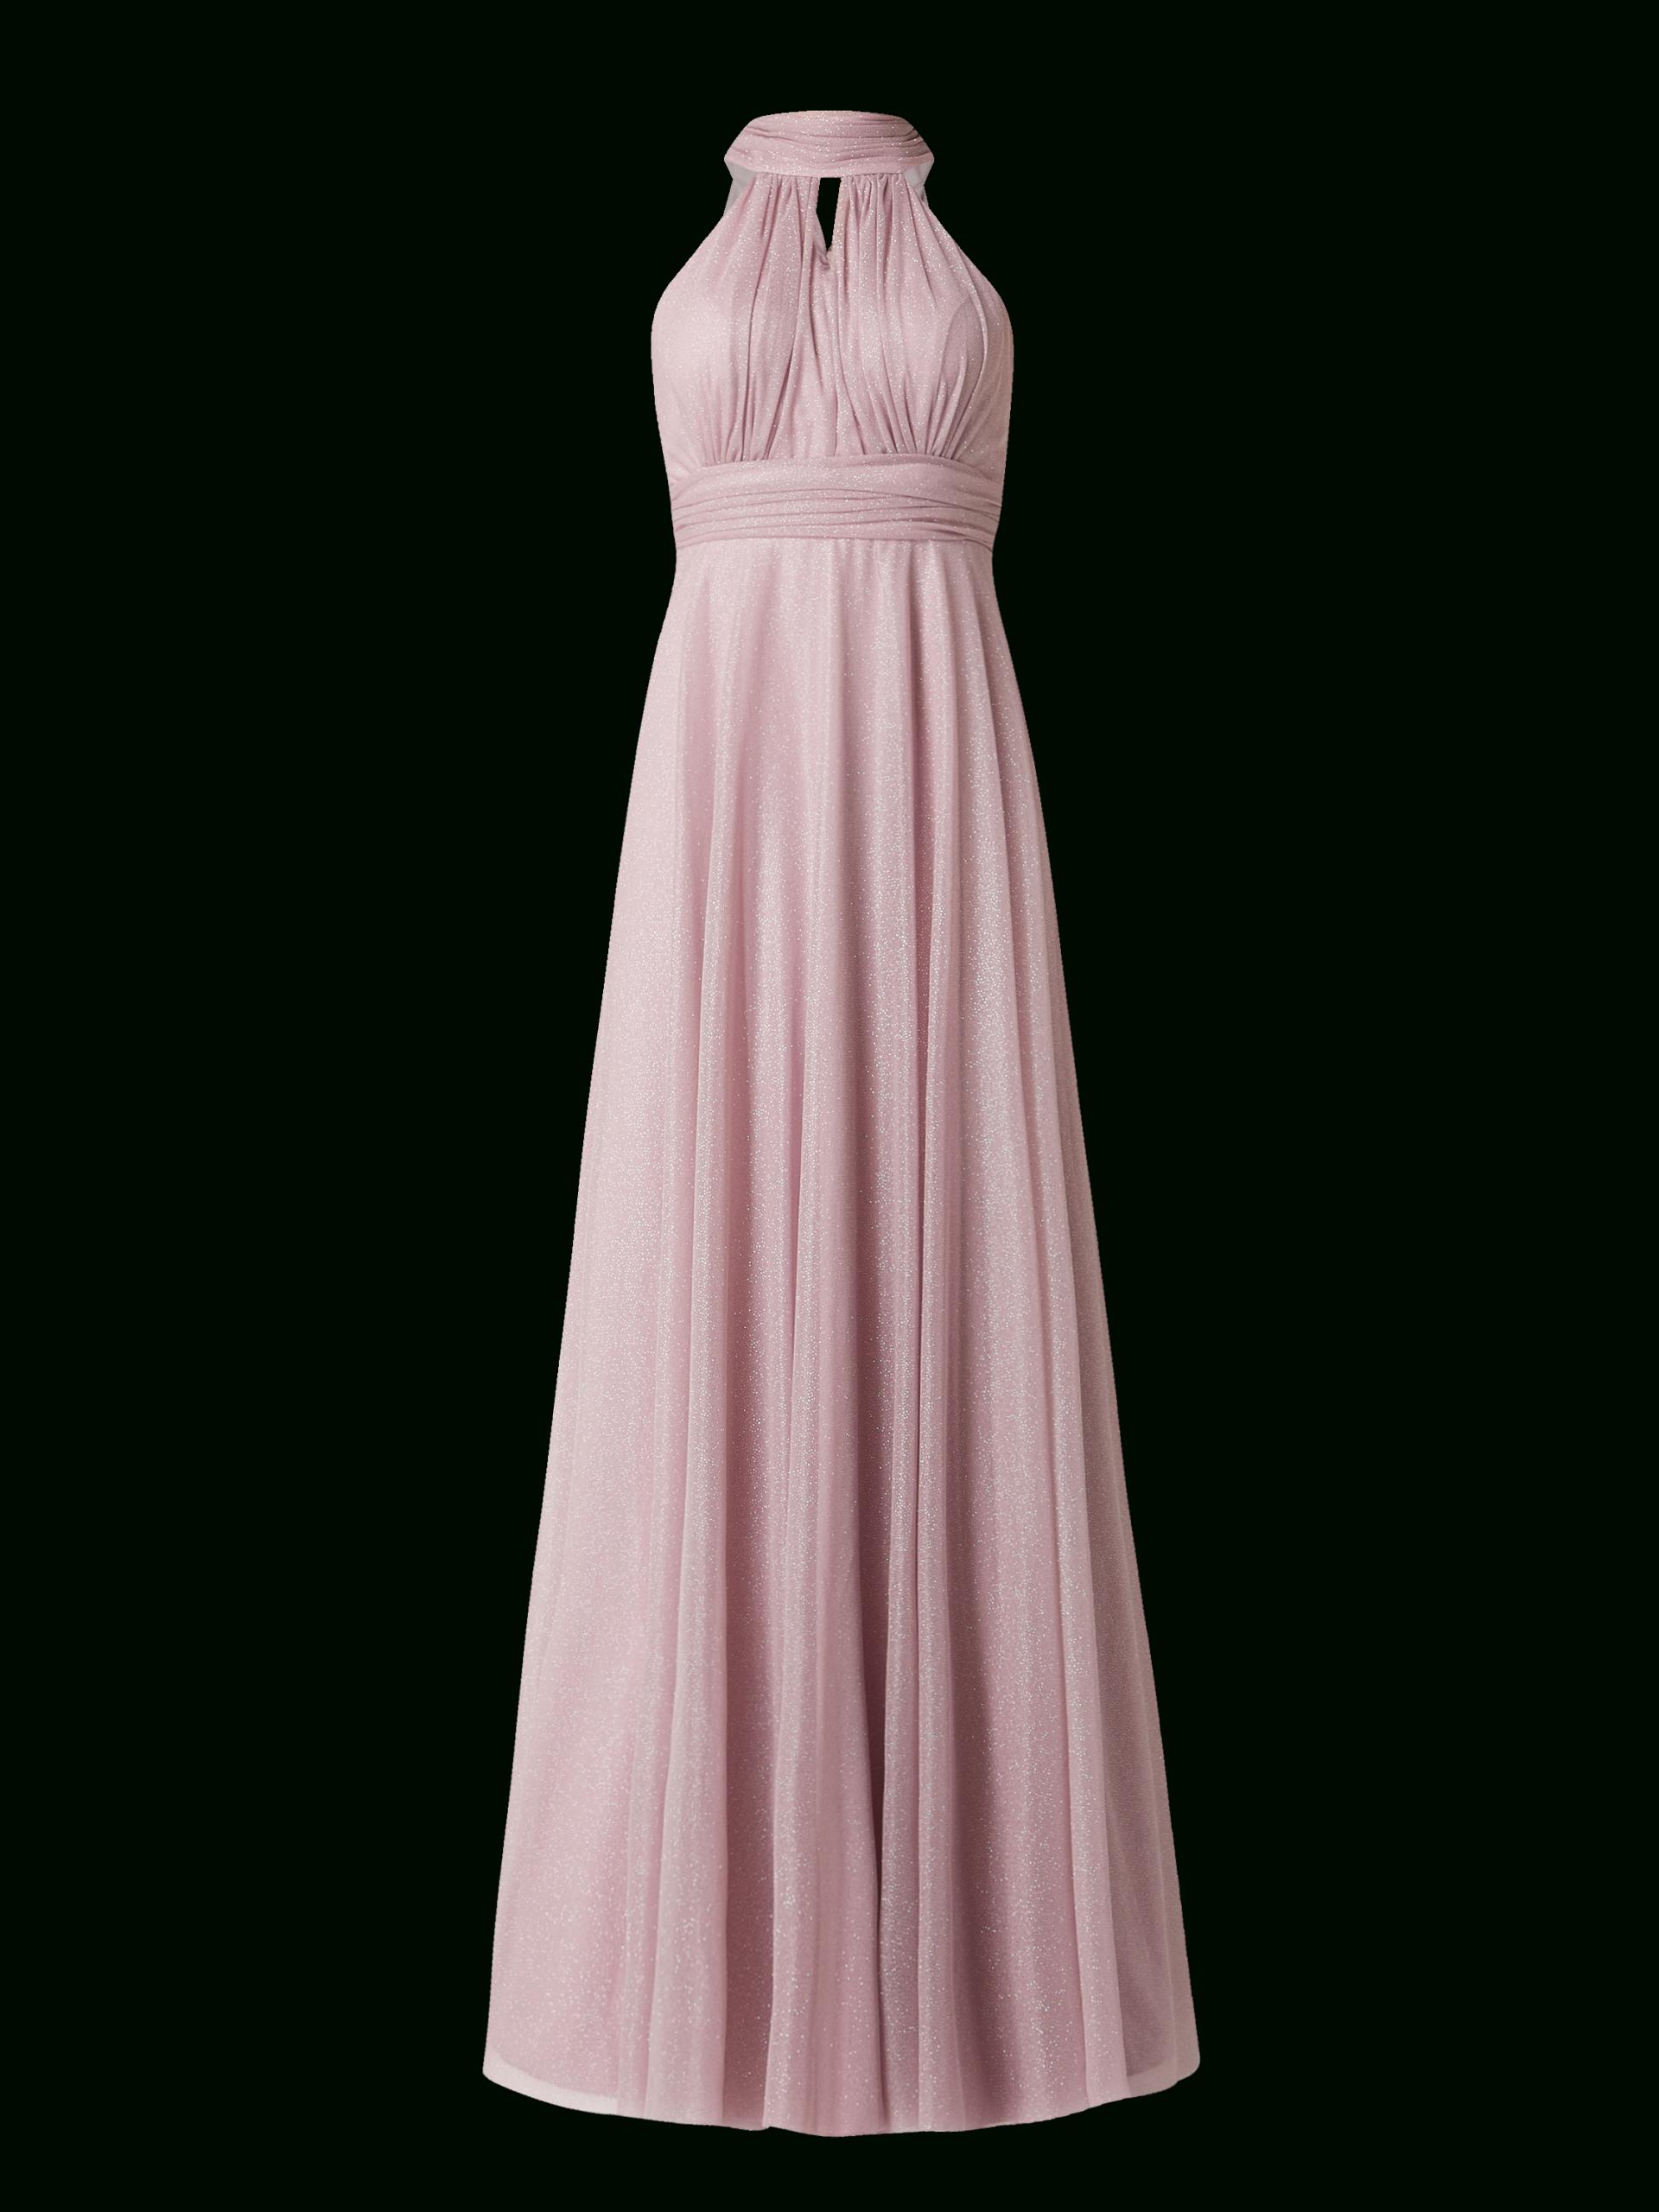 Kreativ Troyden Collection Abendkleid SpezialgebietFormal Kreativ Troyden Collection Abendkleid Vertrieb